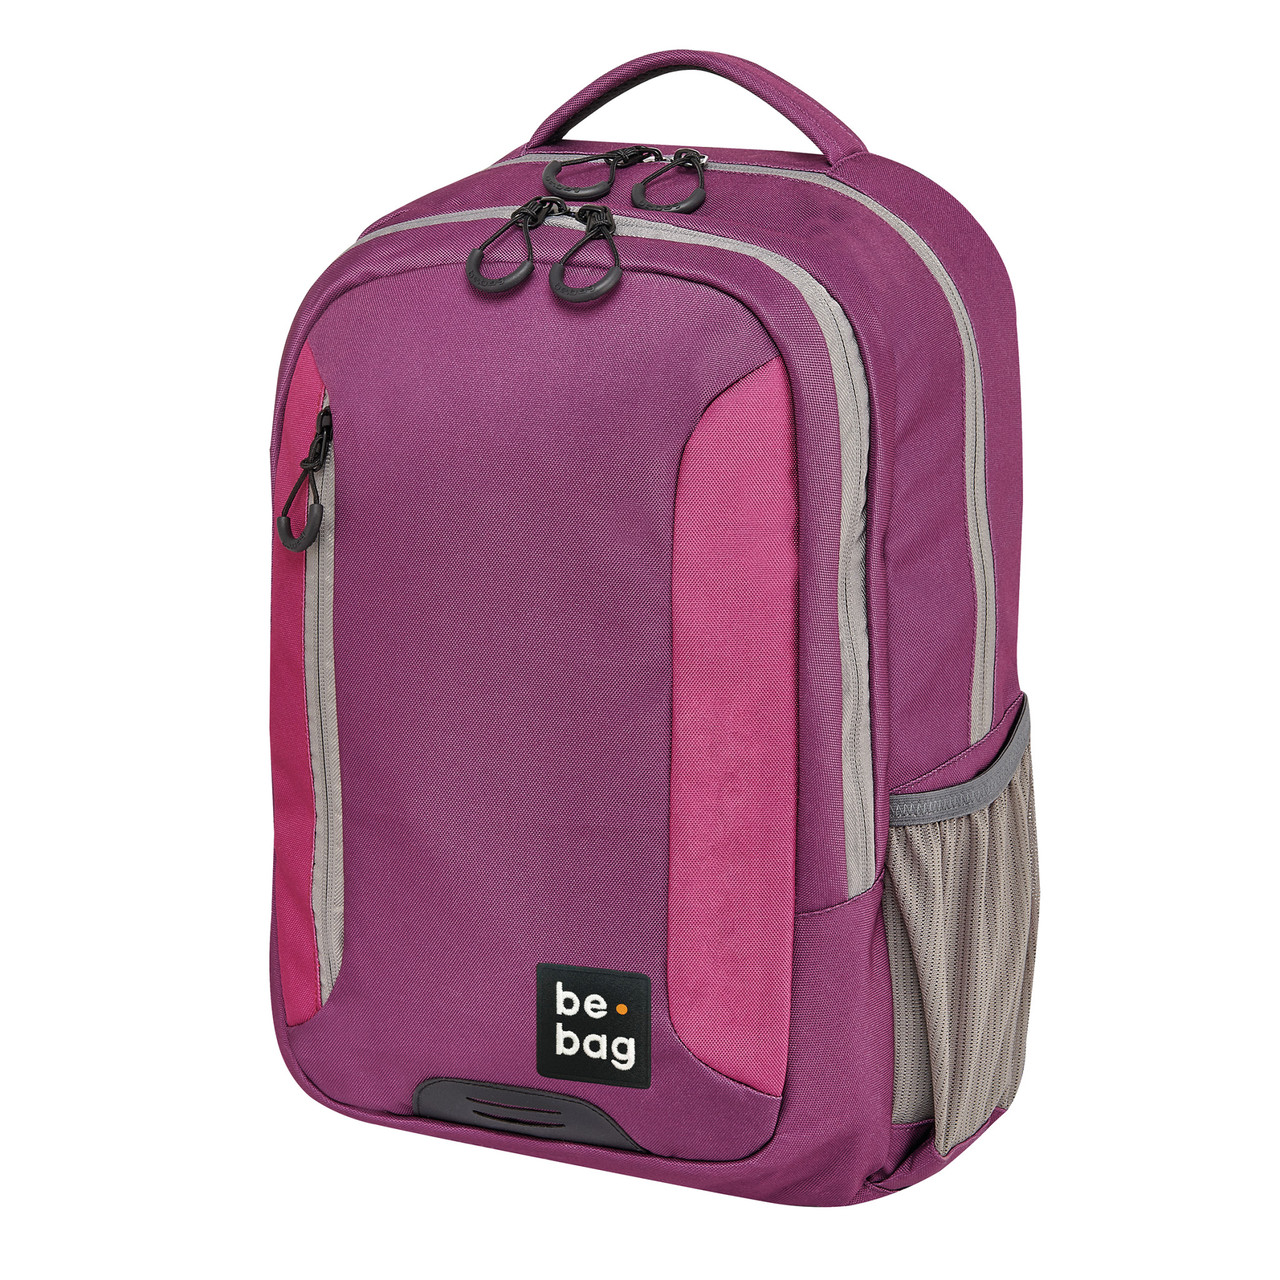 Рюкзак Herlitz Be.Bag be.adventurer Purple Фіолетовий